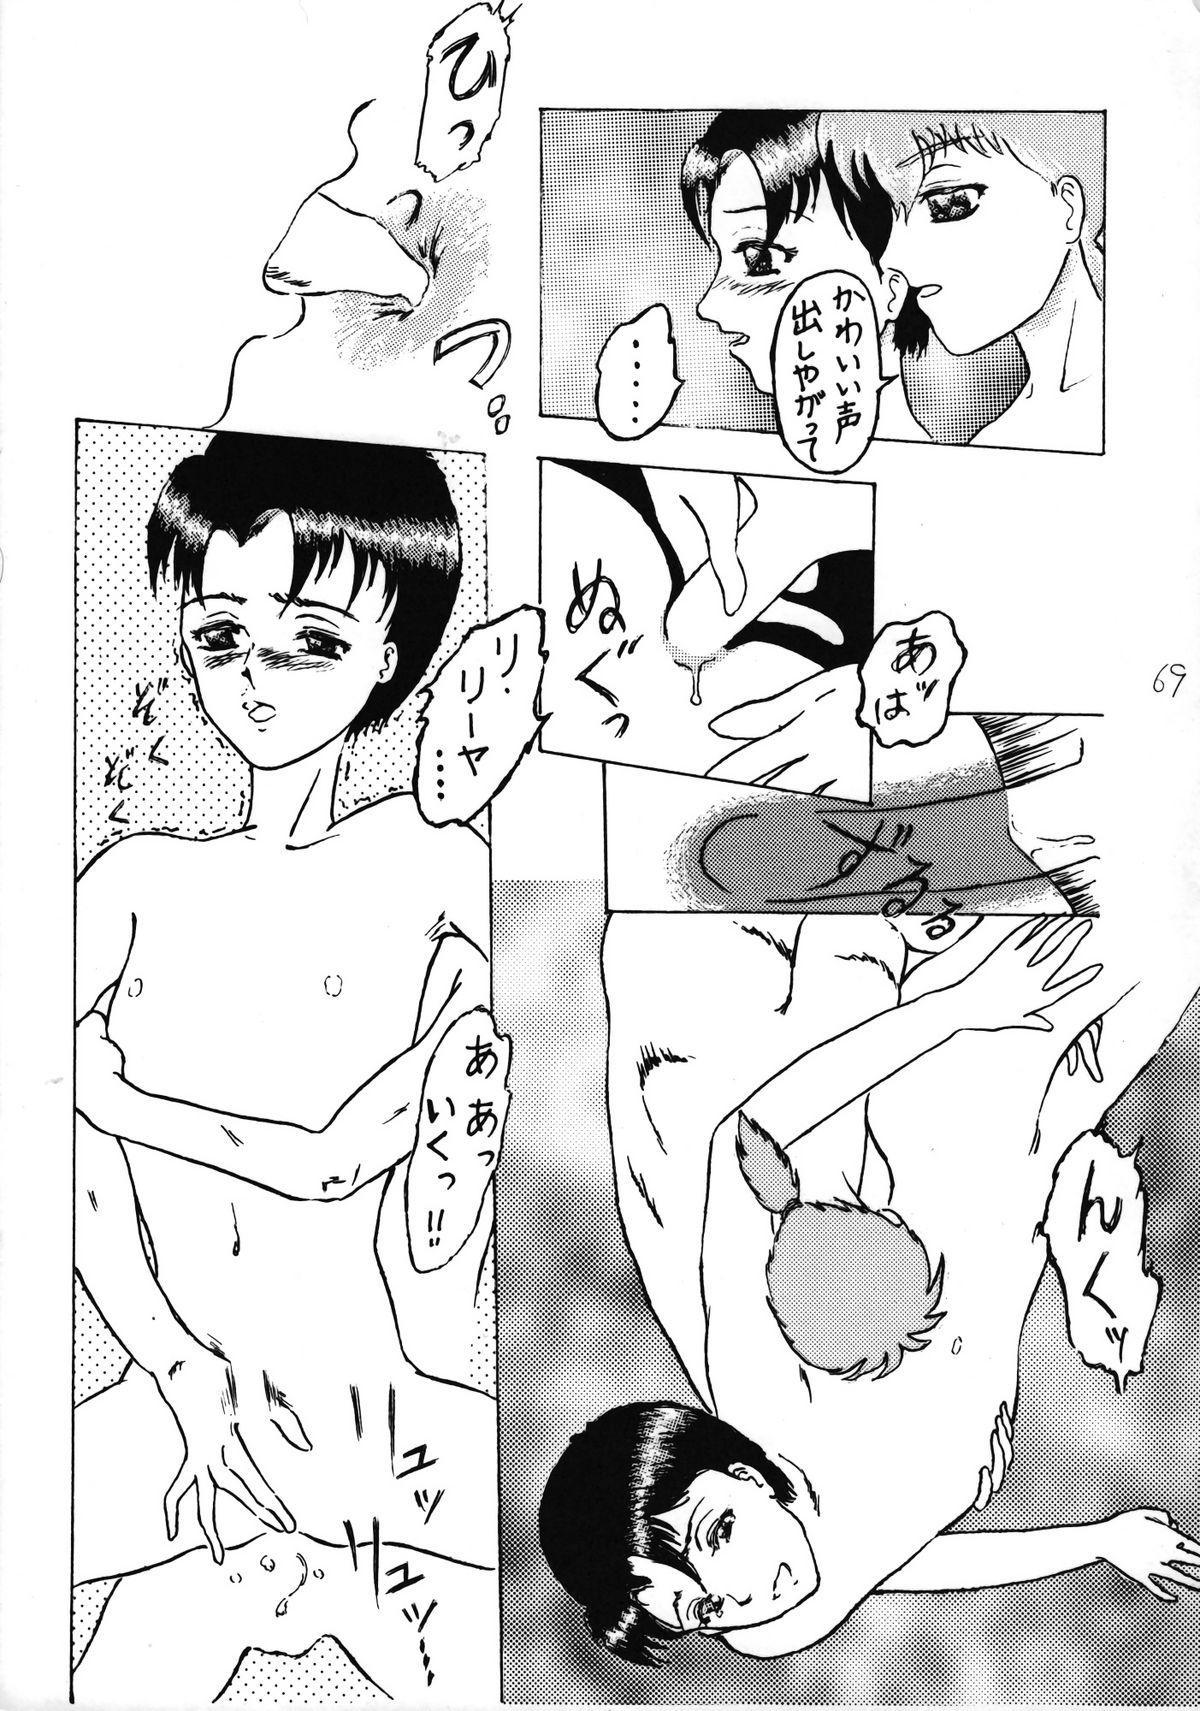 Ikenai! Otokonoko Hon Boy's H Book 2 69